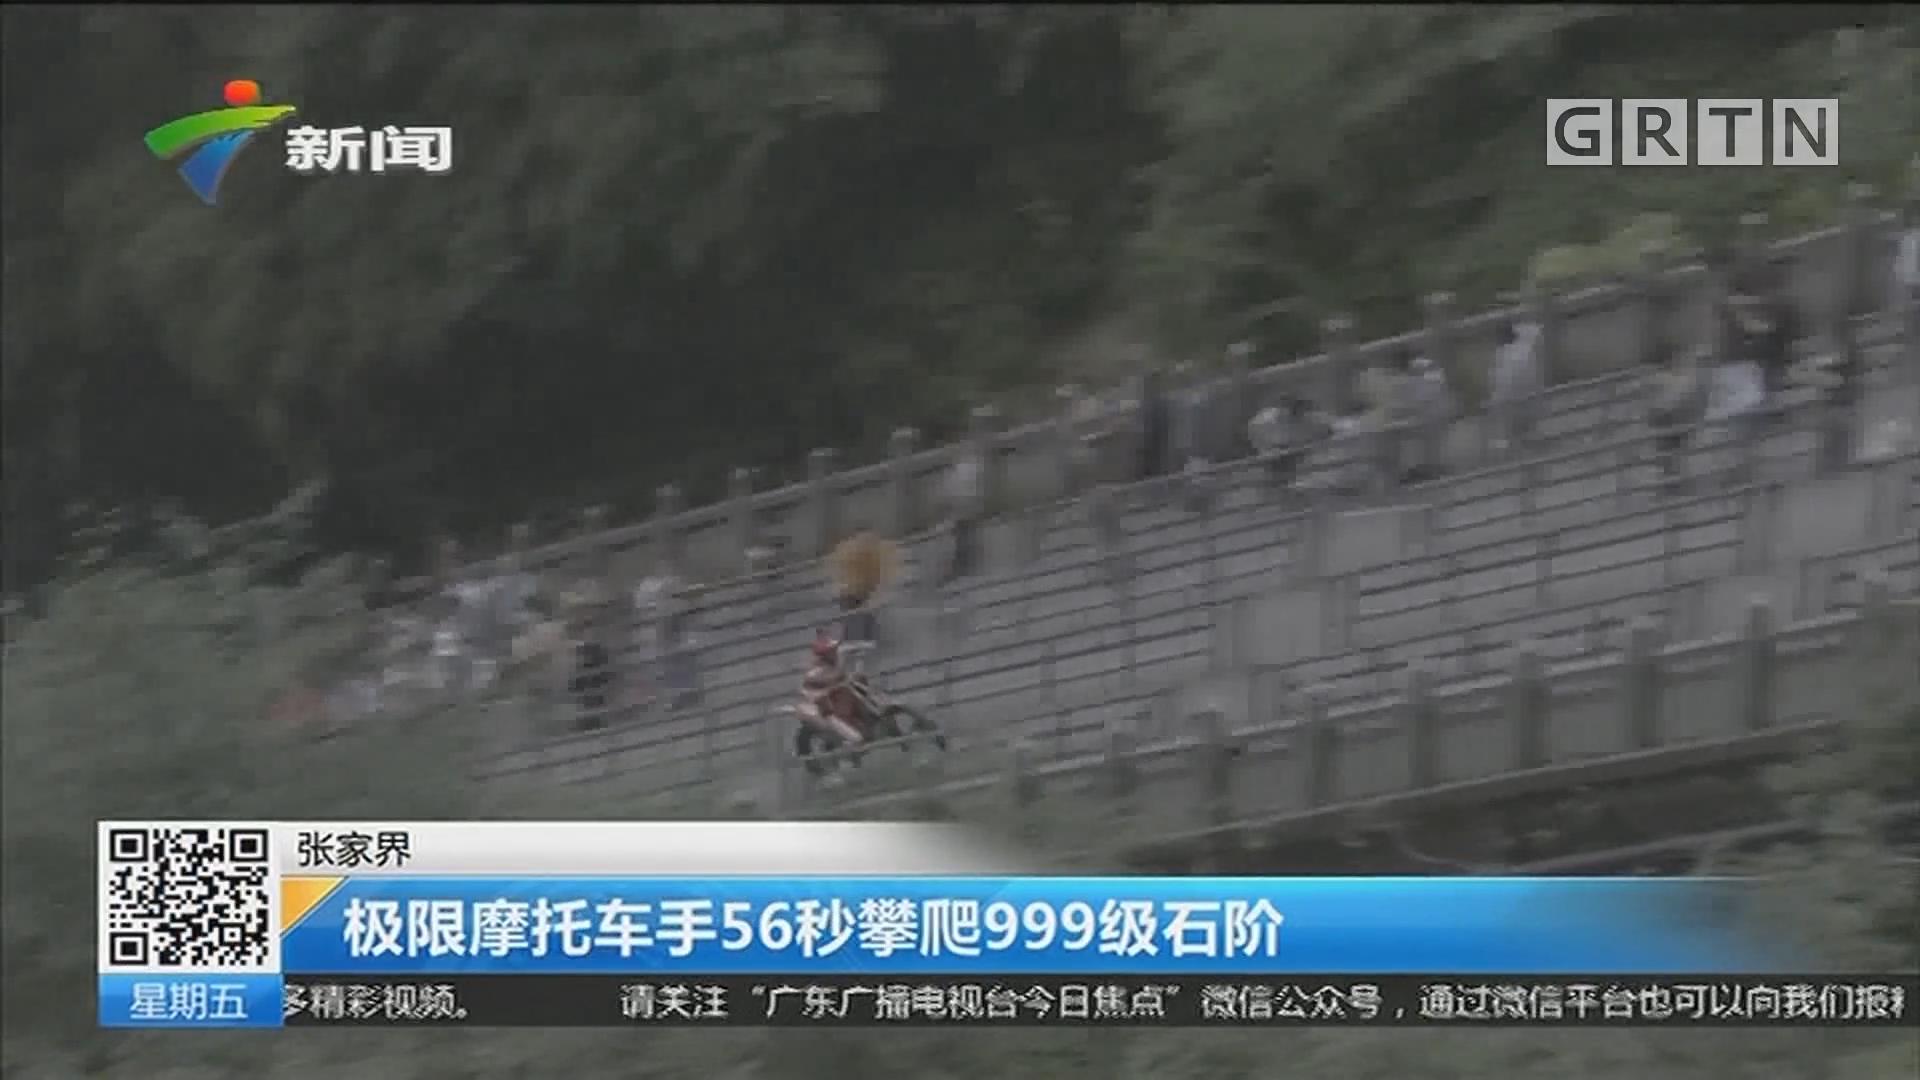 张家界:极限摩托车手56秒攀爬999级石阶